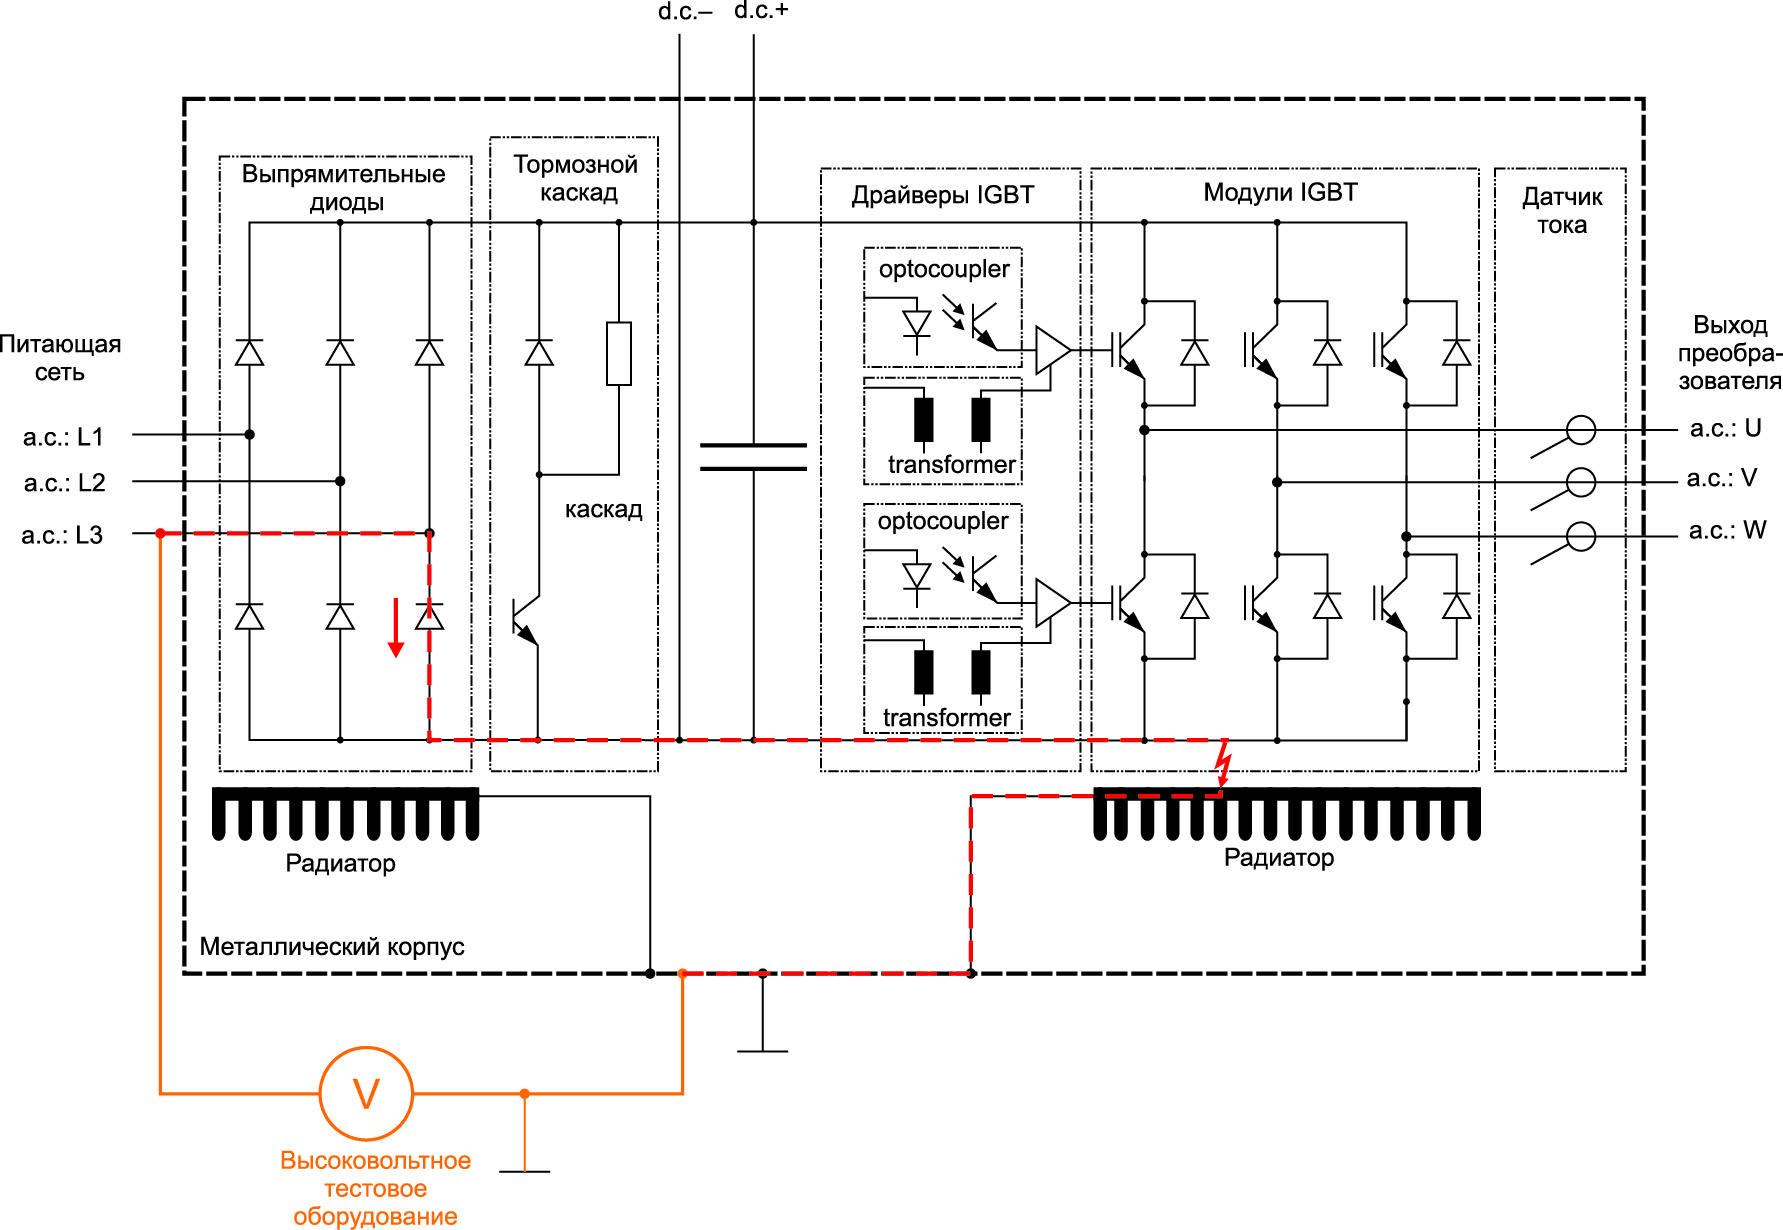 Перенапряжение на полупроводниковых приборах при повреждении изоляции в ходе проведения высоковольтного теста